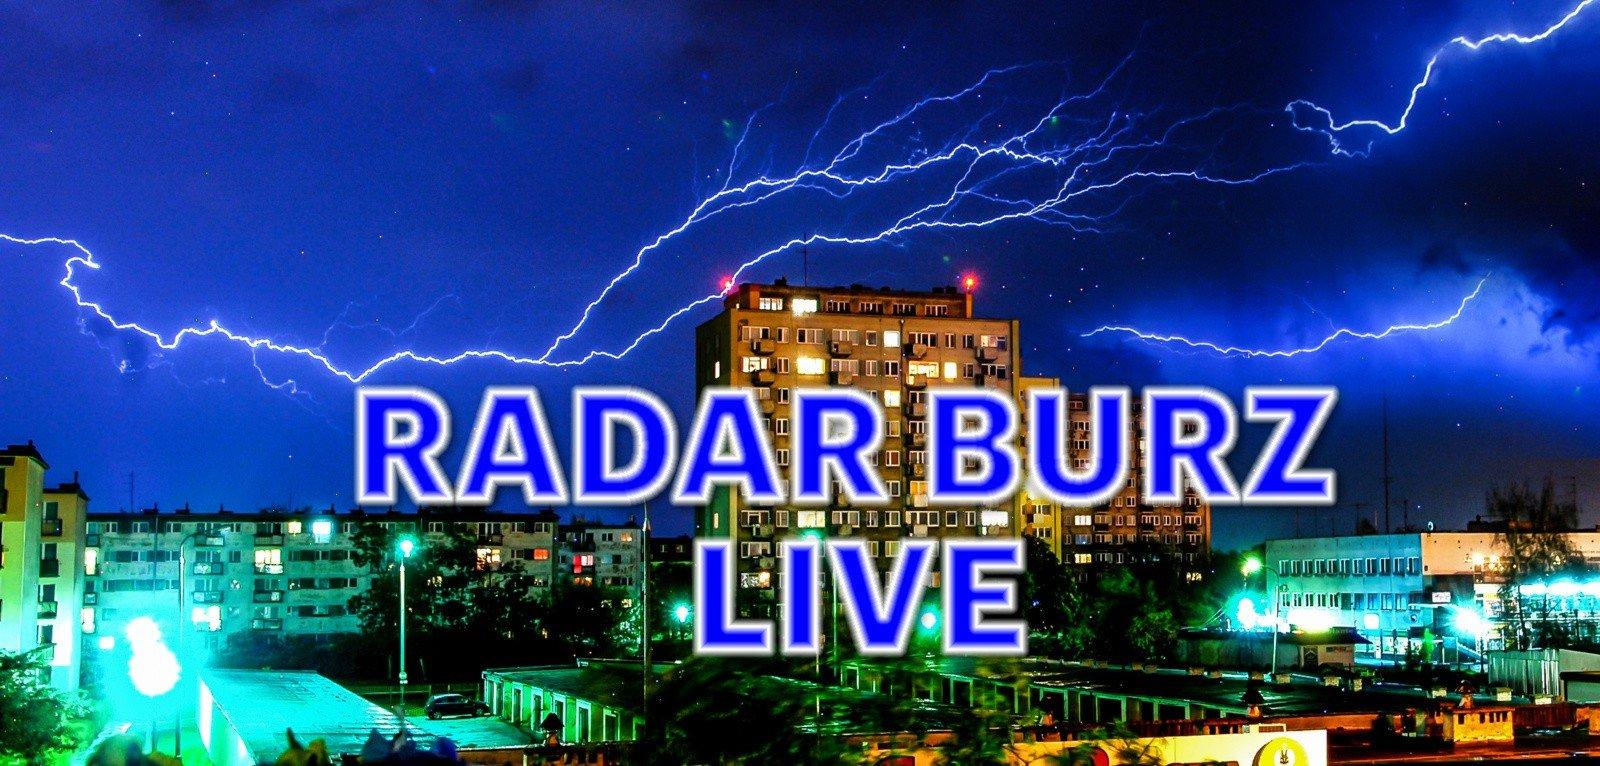 Gdzie jest burza? Radar burz online. Mapy wyładowań. Gdzie już jest burza i gdzie będzie grzmieć. Ostrzeżenia IMGW [radar meteo] 24.05.2020 | Express Bydgoski